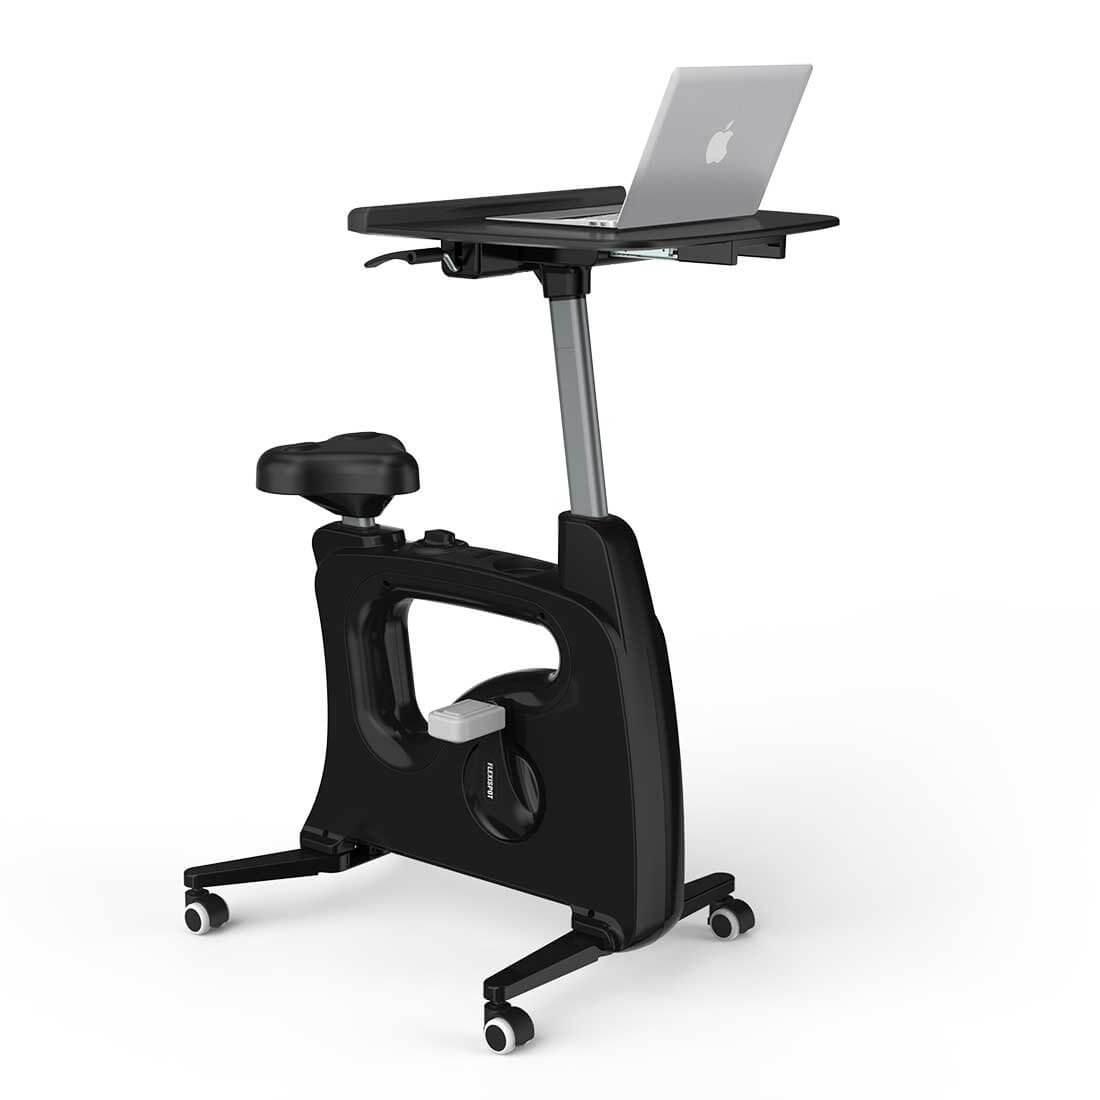 FLEXISPOT Home Office Standing Desk Exercise Bike | Amazon